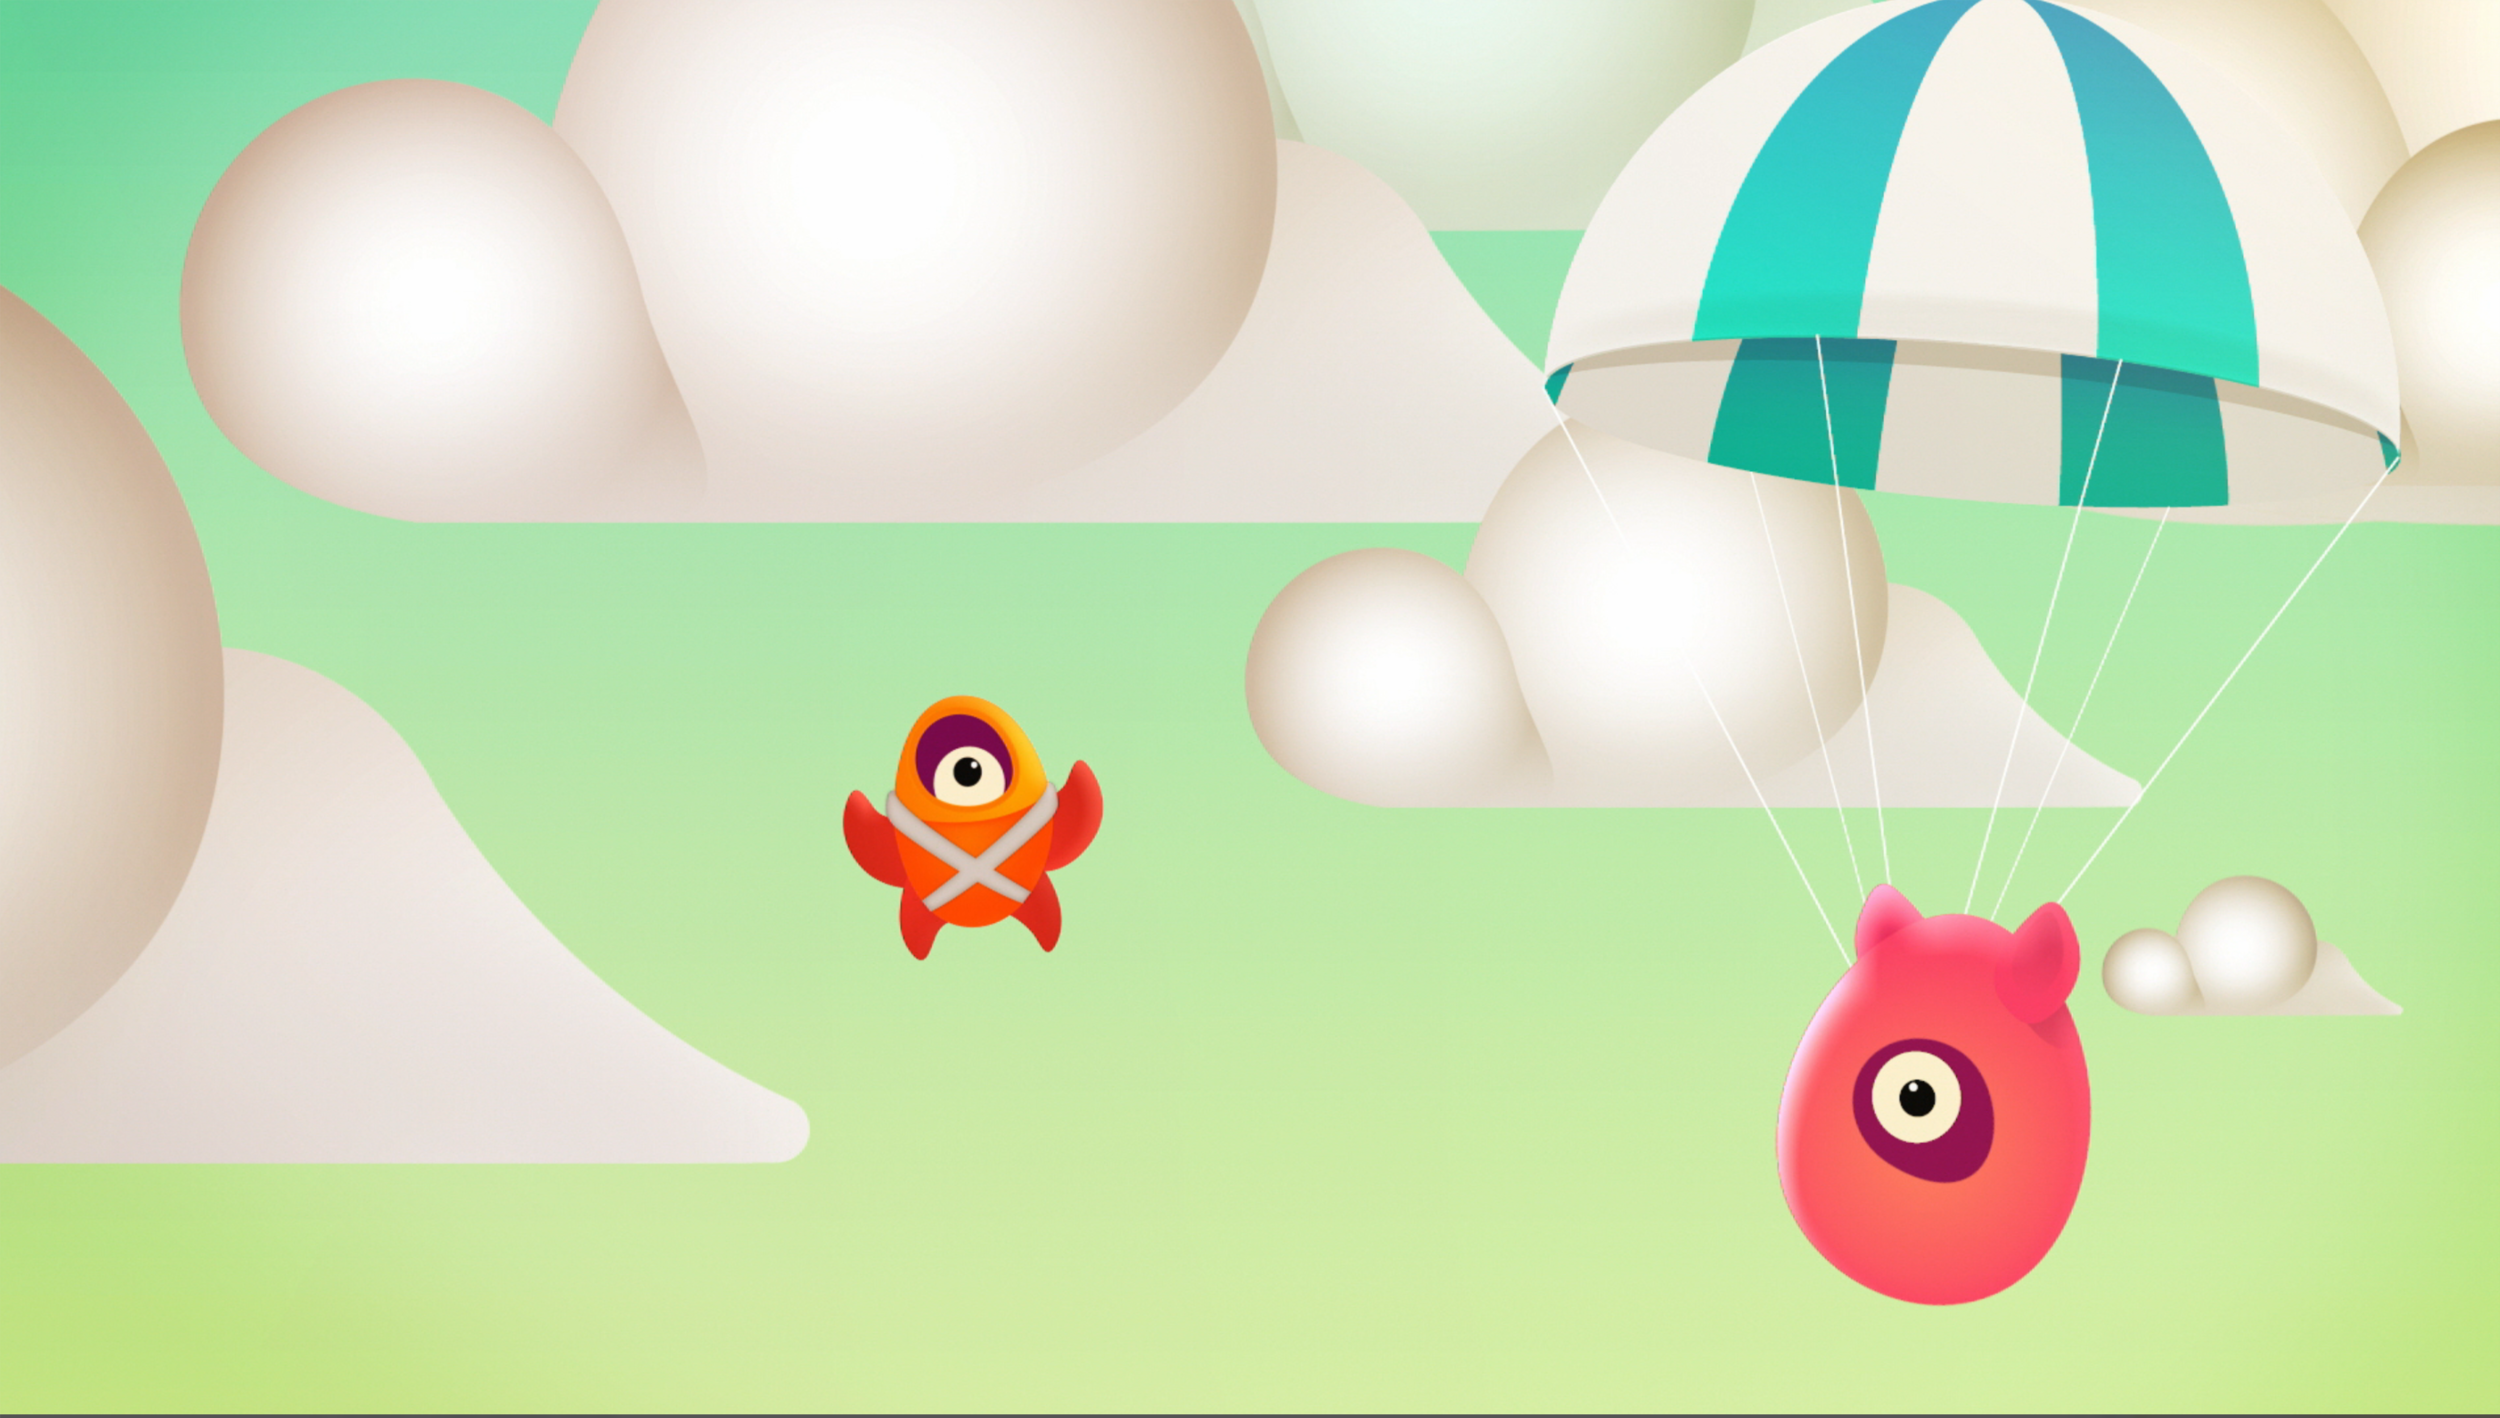 zoomooz_parachute.png